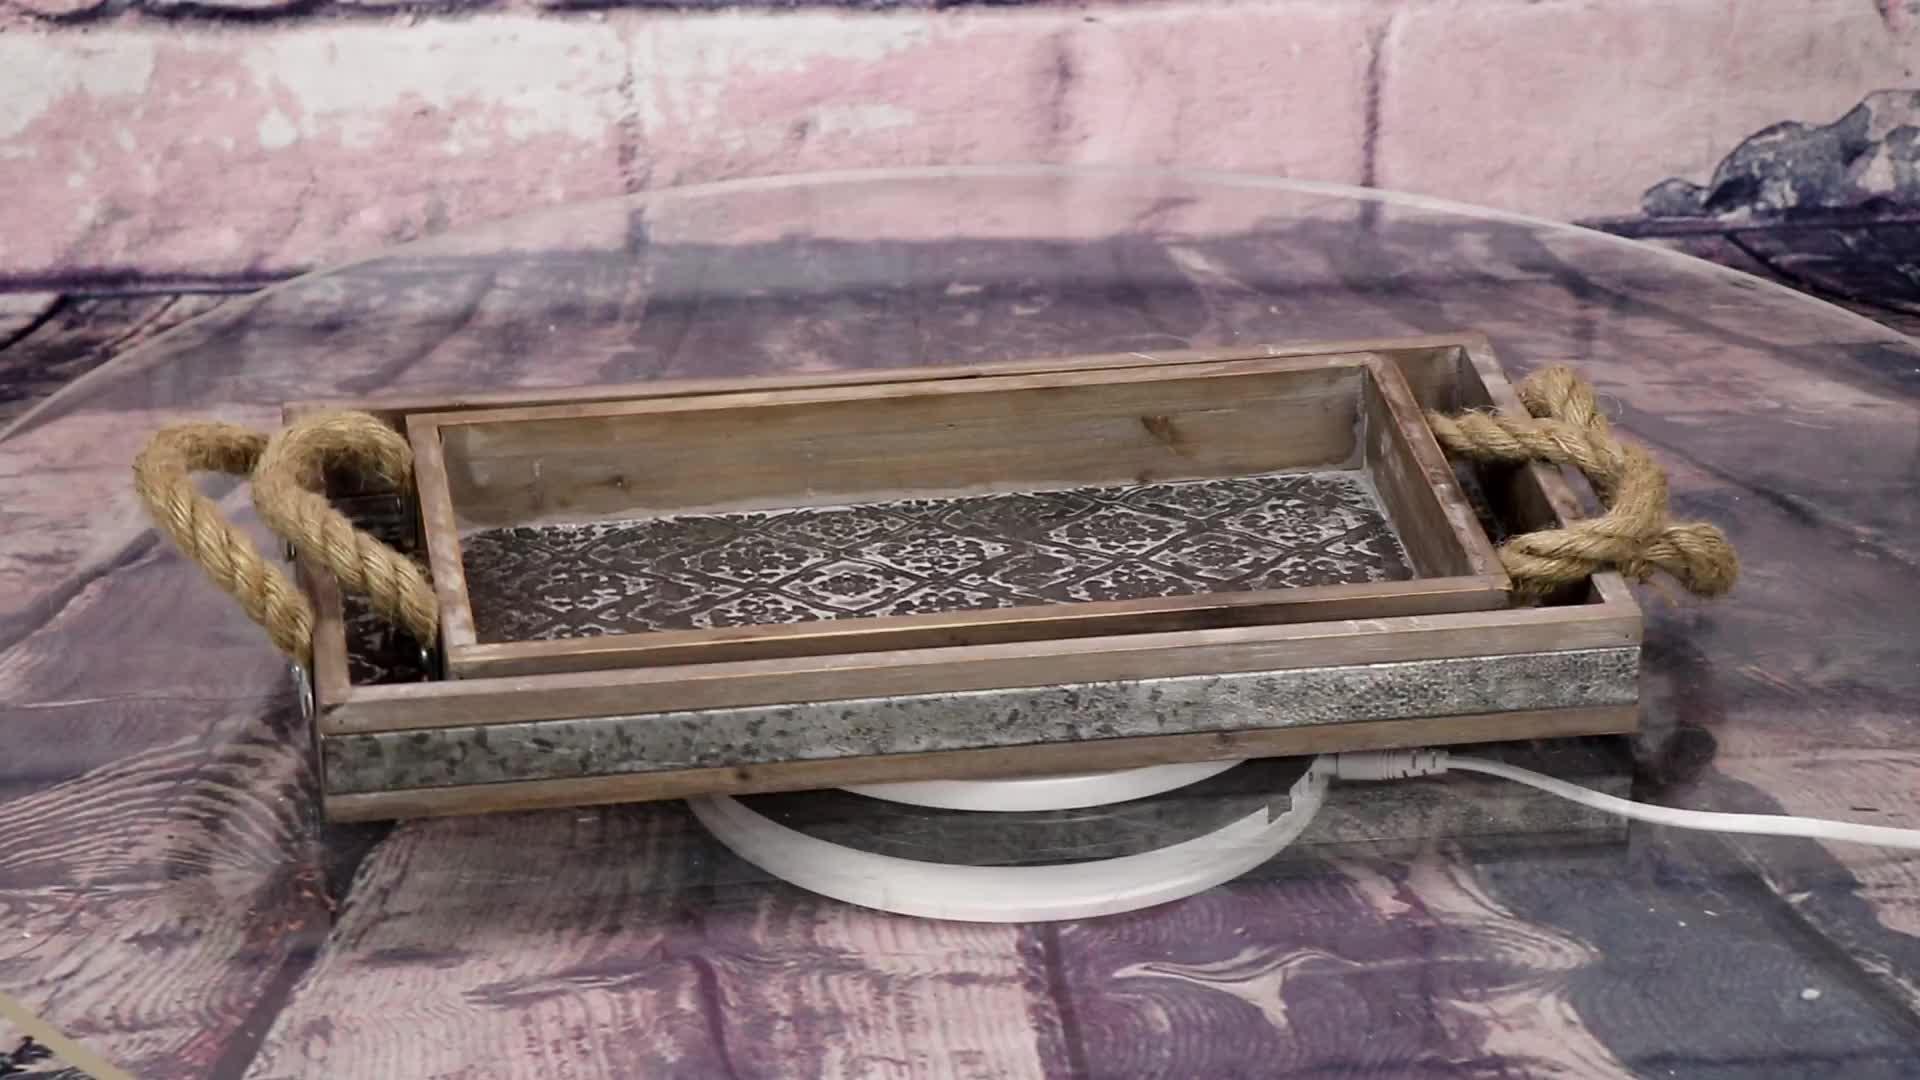 Preiswertes Set 2 rustikales kundenspezifisches traditionelles chinesisches antikes Teetablett mit Griff 02061